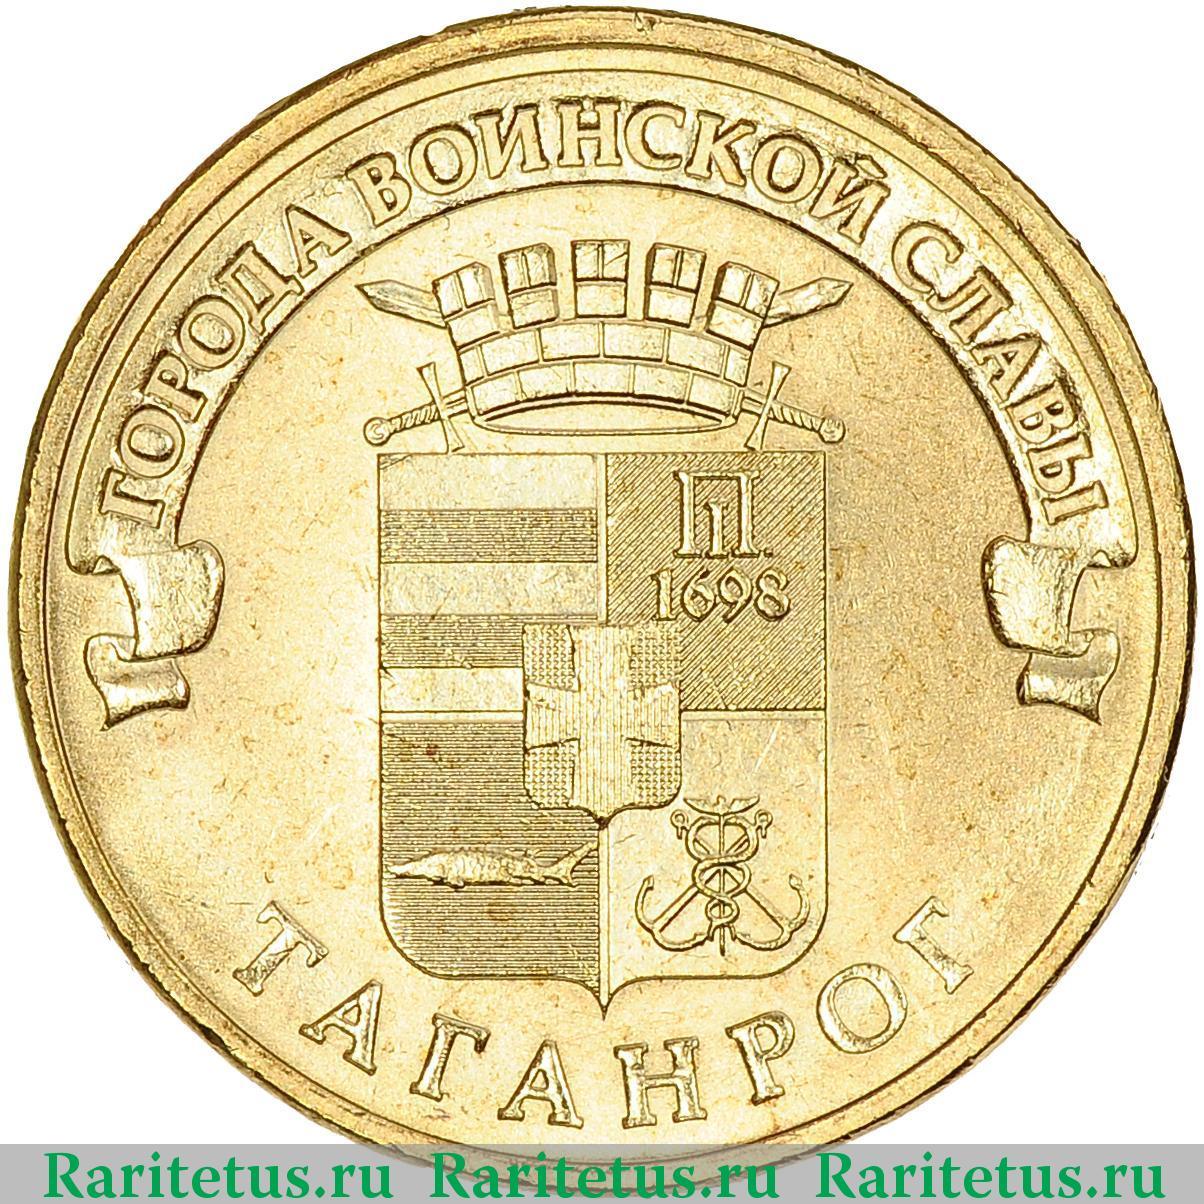 Сколько стоит монета 10 рублей 2015 сколько стоит монета 2 рубля 2000